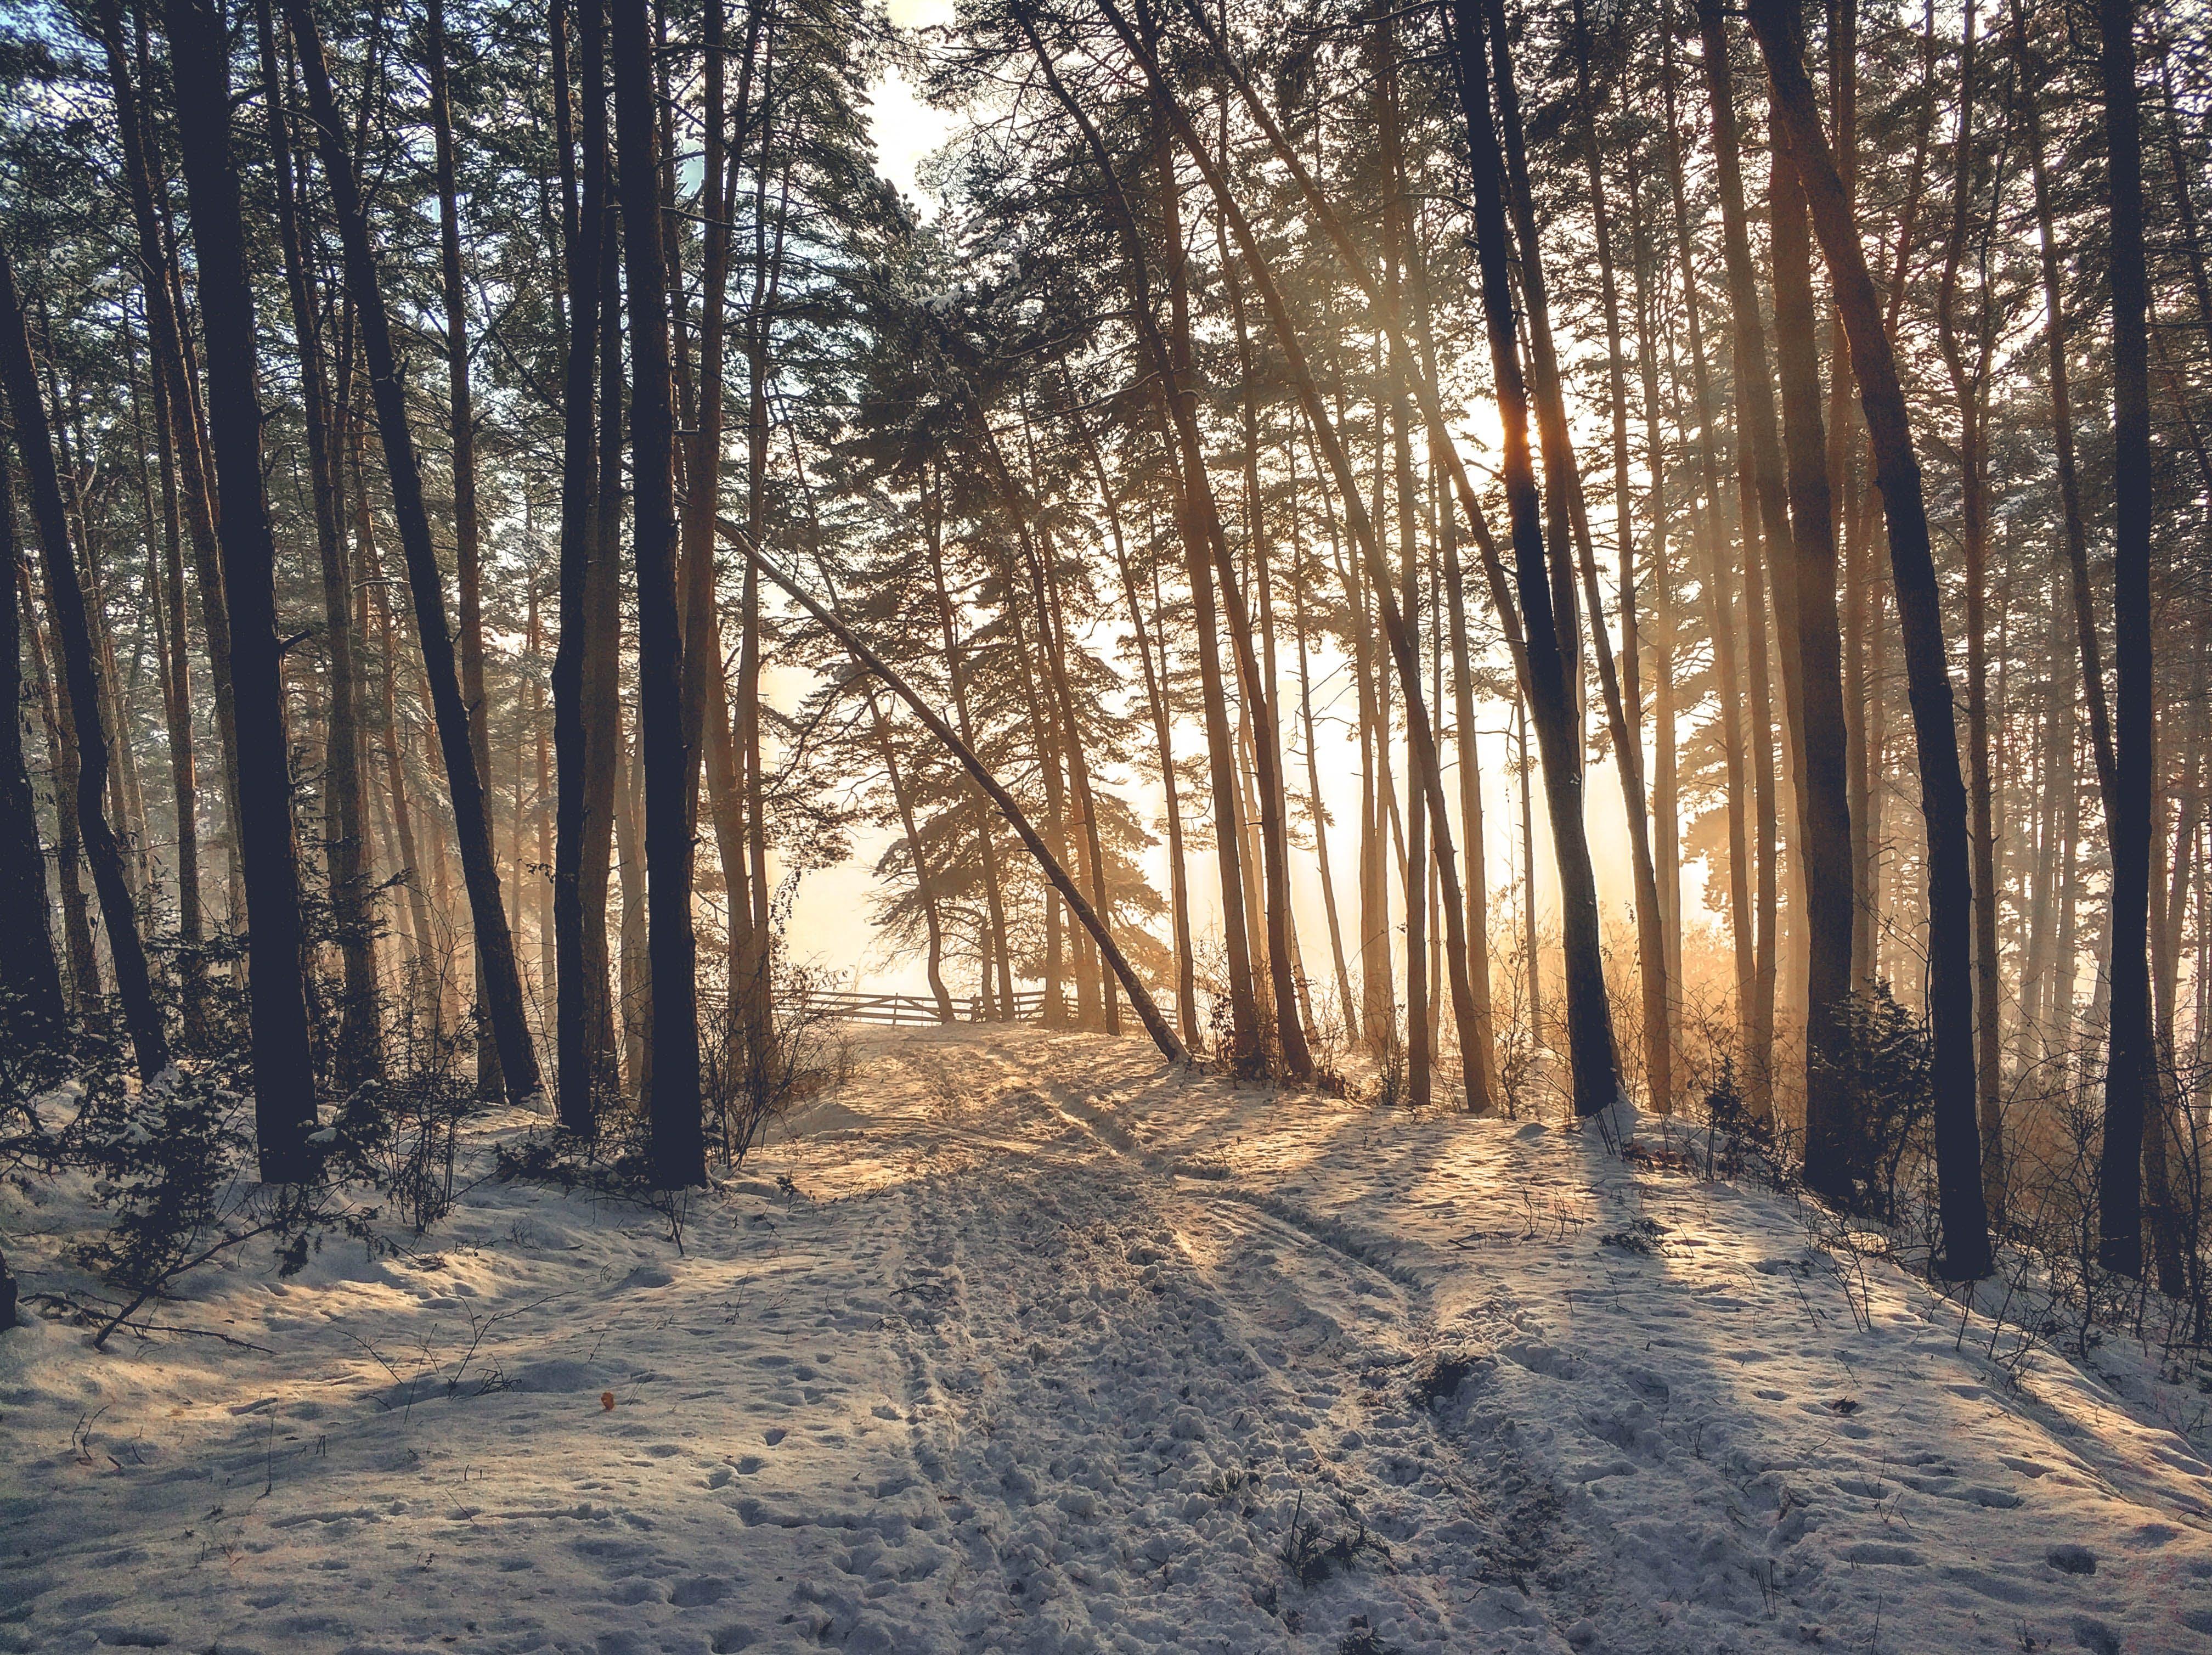 Immagine gratuita di alberi, foresta, freddo, inverno